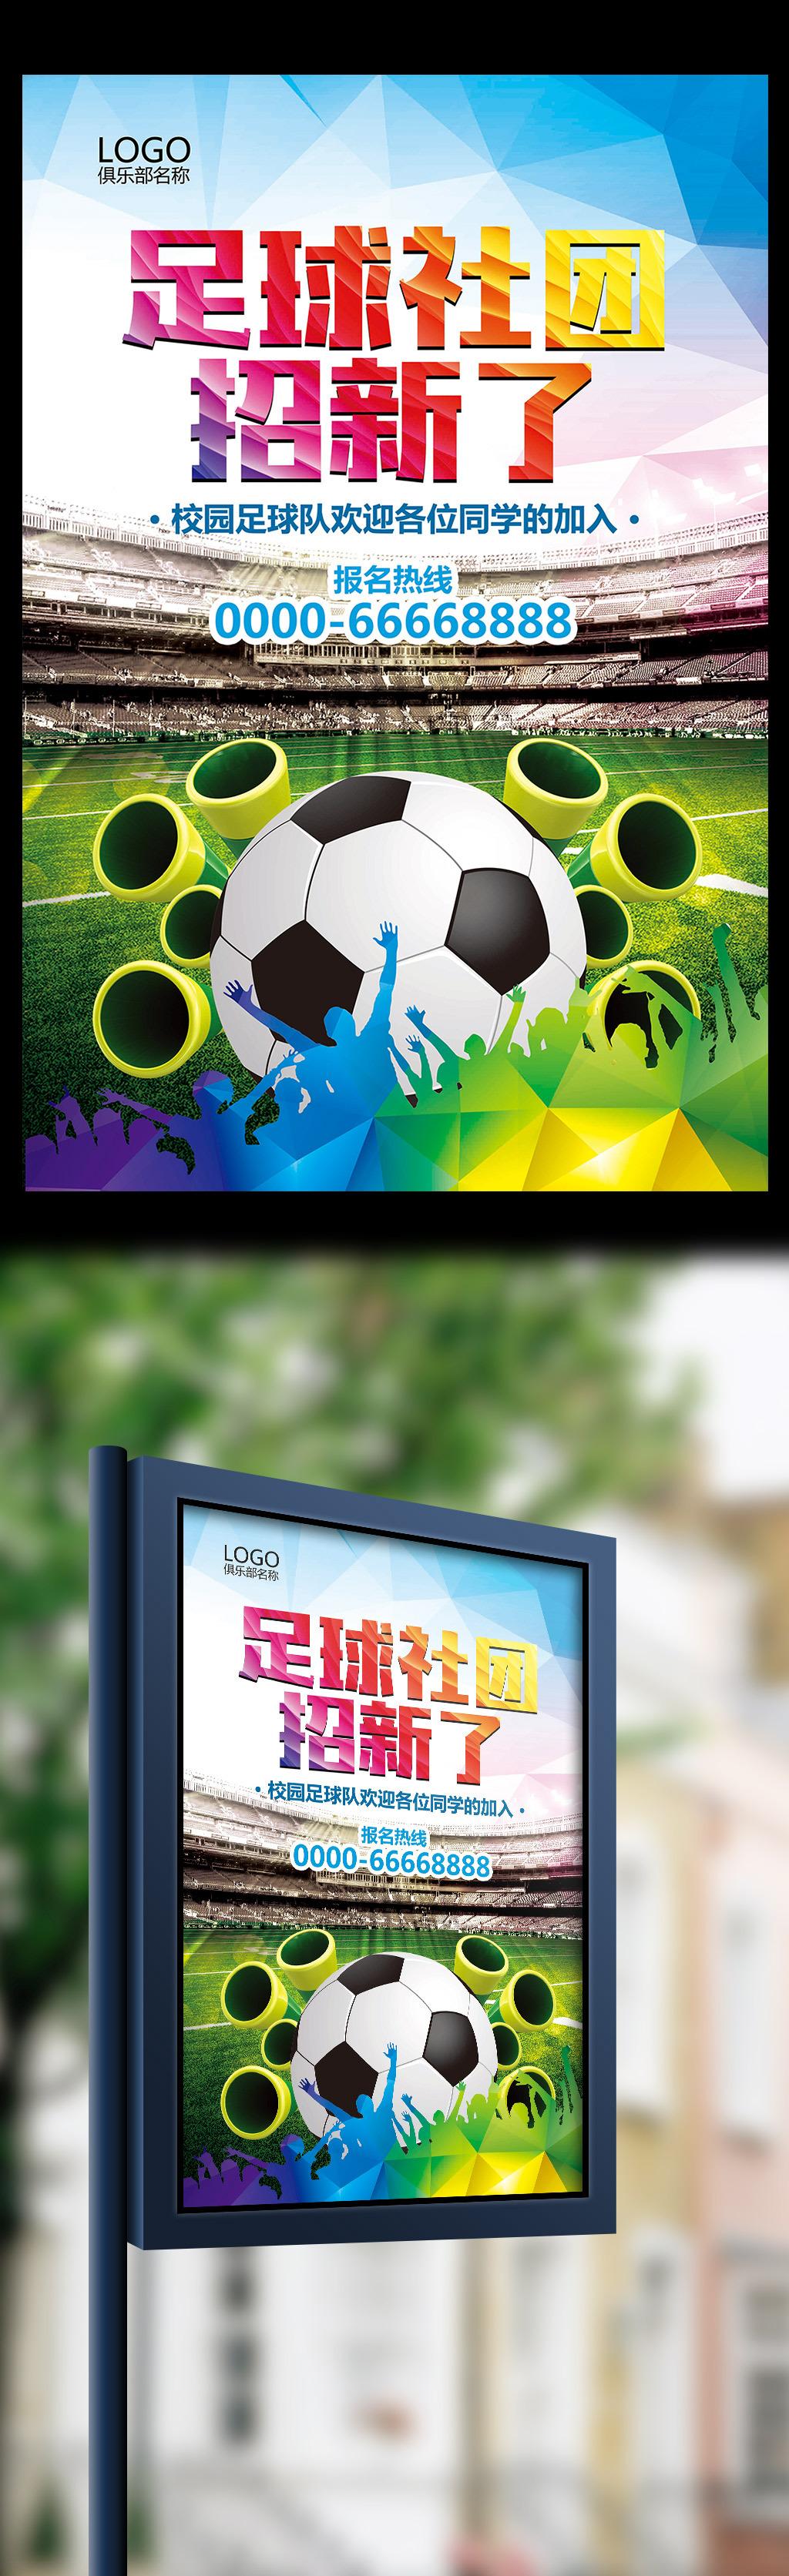 炫彩大气学校社团足球社团招新海报模板